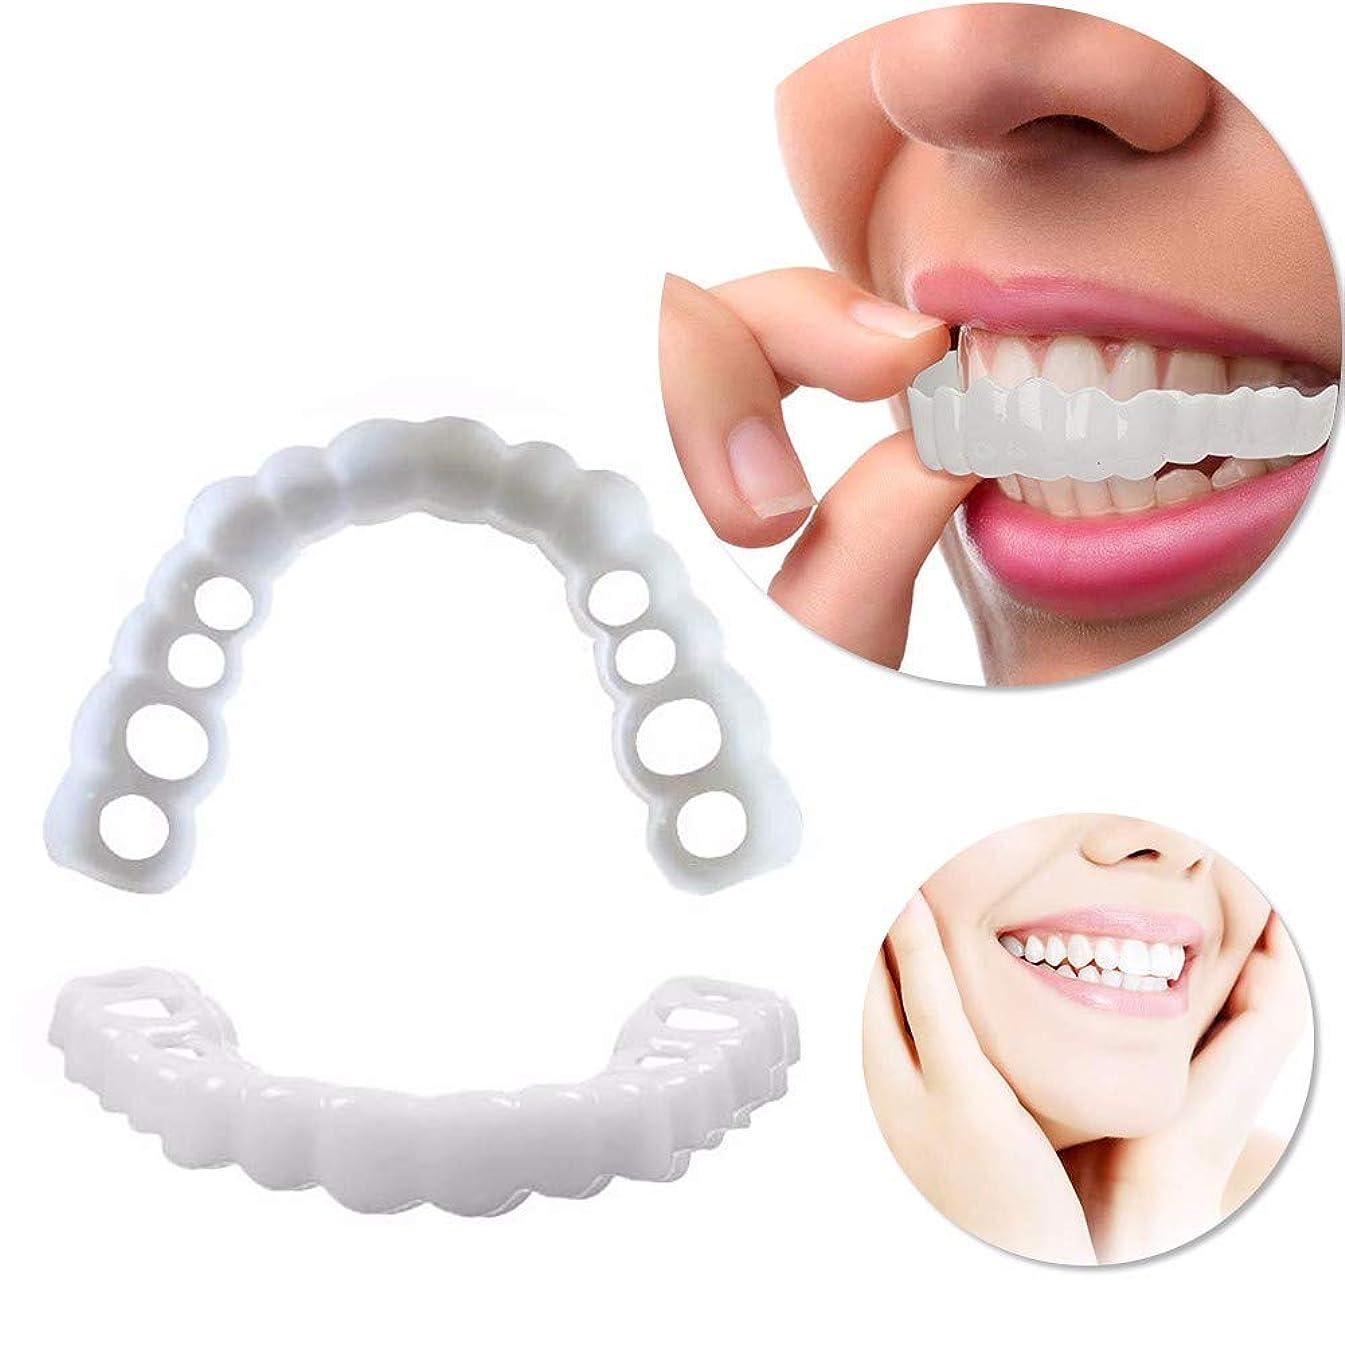 脅威中性裸義歯安全インスタントスマイル化粧品ノベルティ歯 - ワンサイズが一番フィット,7Pairs